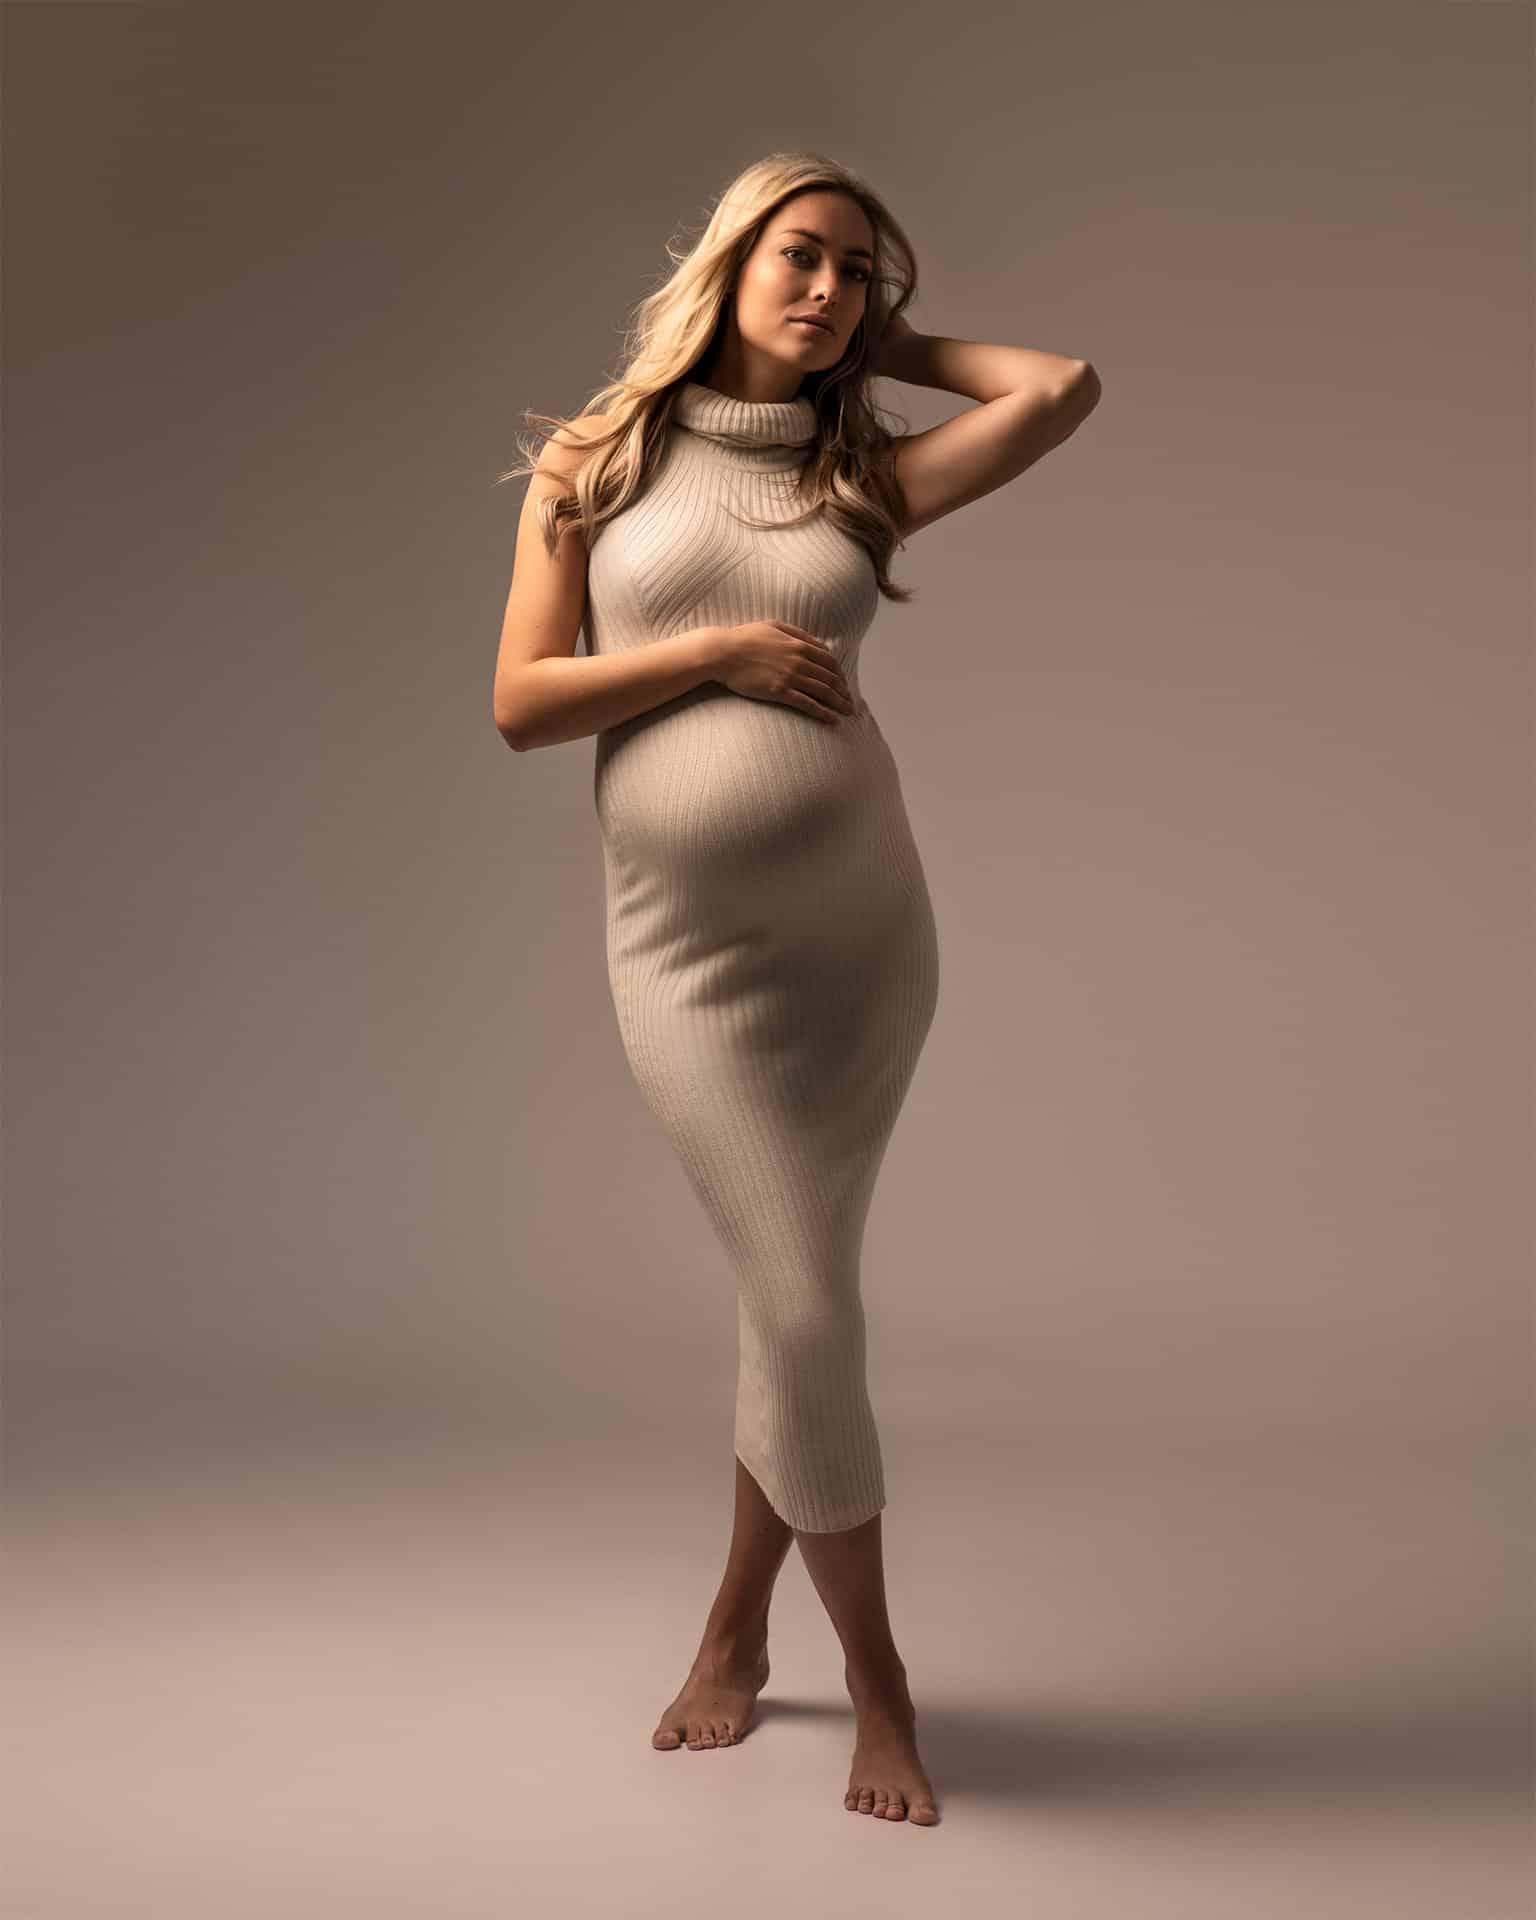 zwangerschap fotoshoot in jurk